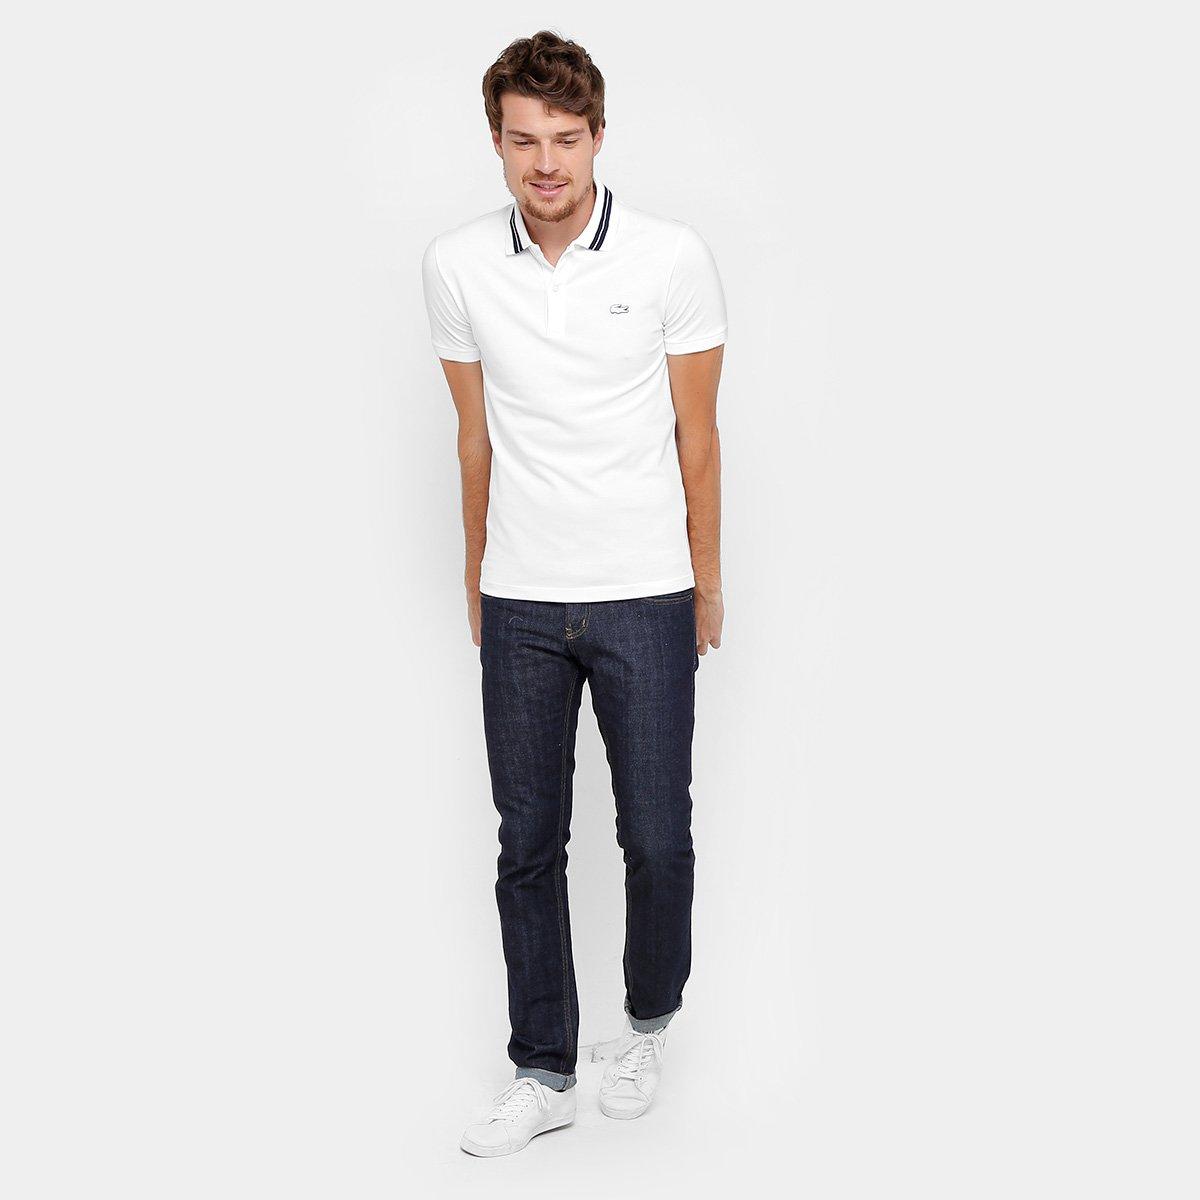 62c6cbe640 Camisa Polo Lacoste Piquet Slim Fit Rubber Croco Masculina - Compre ...